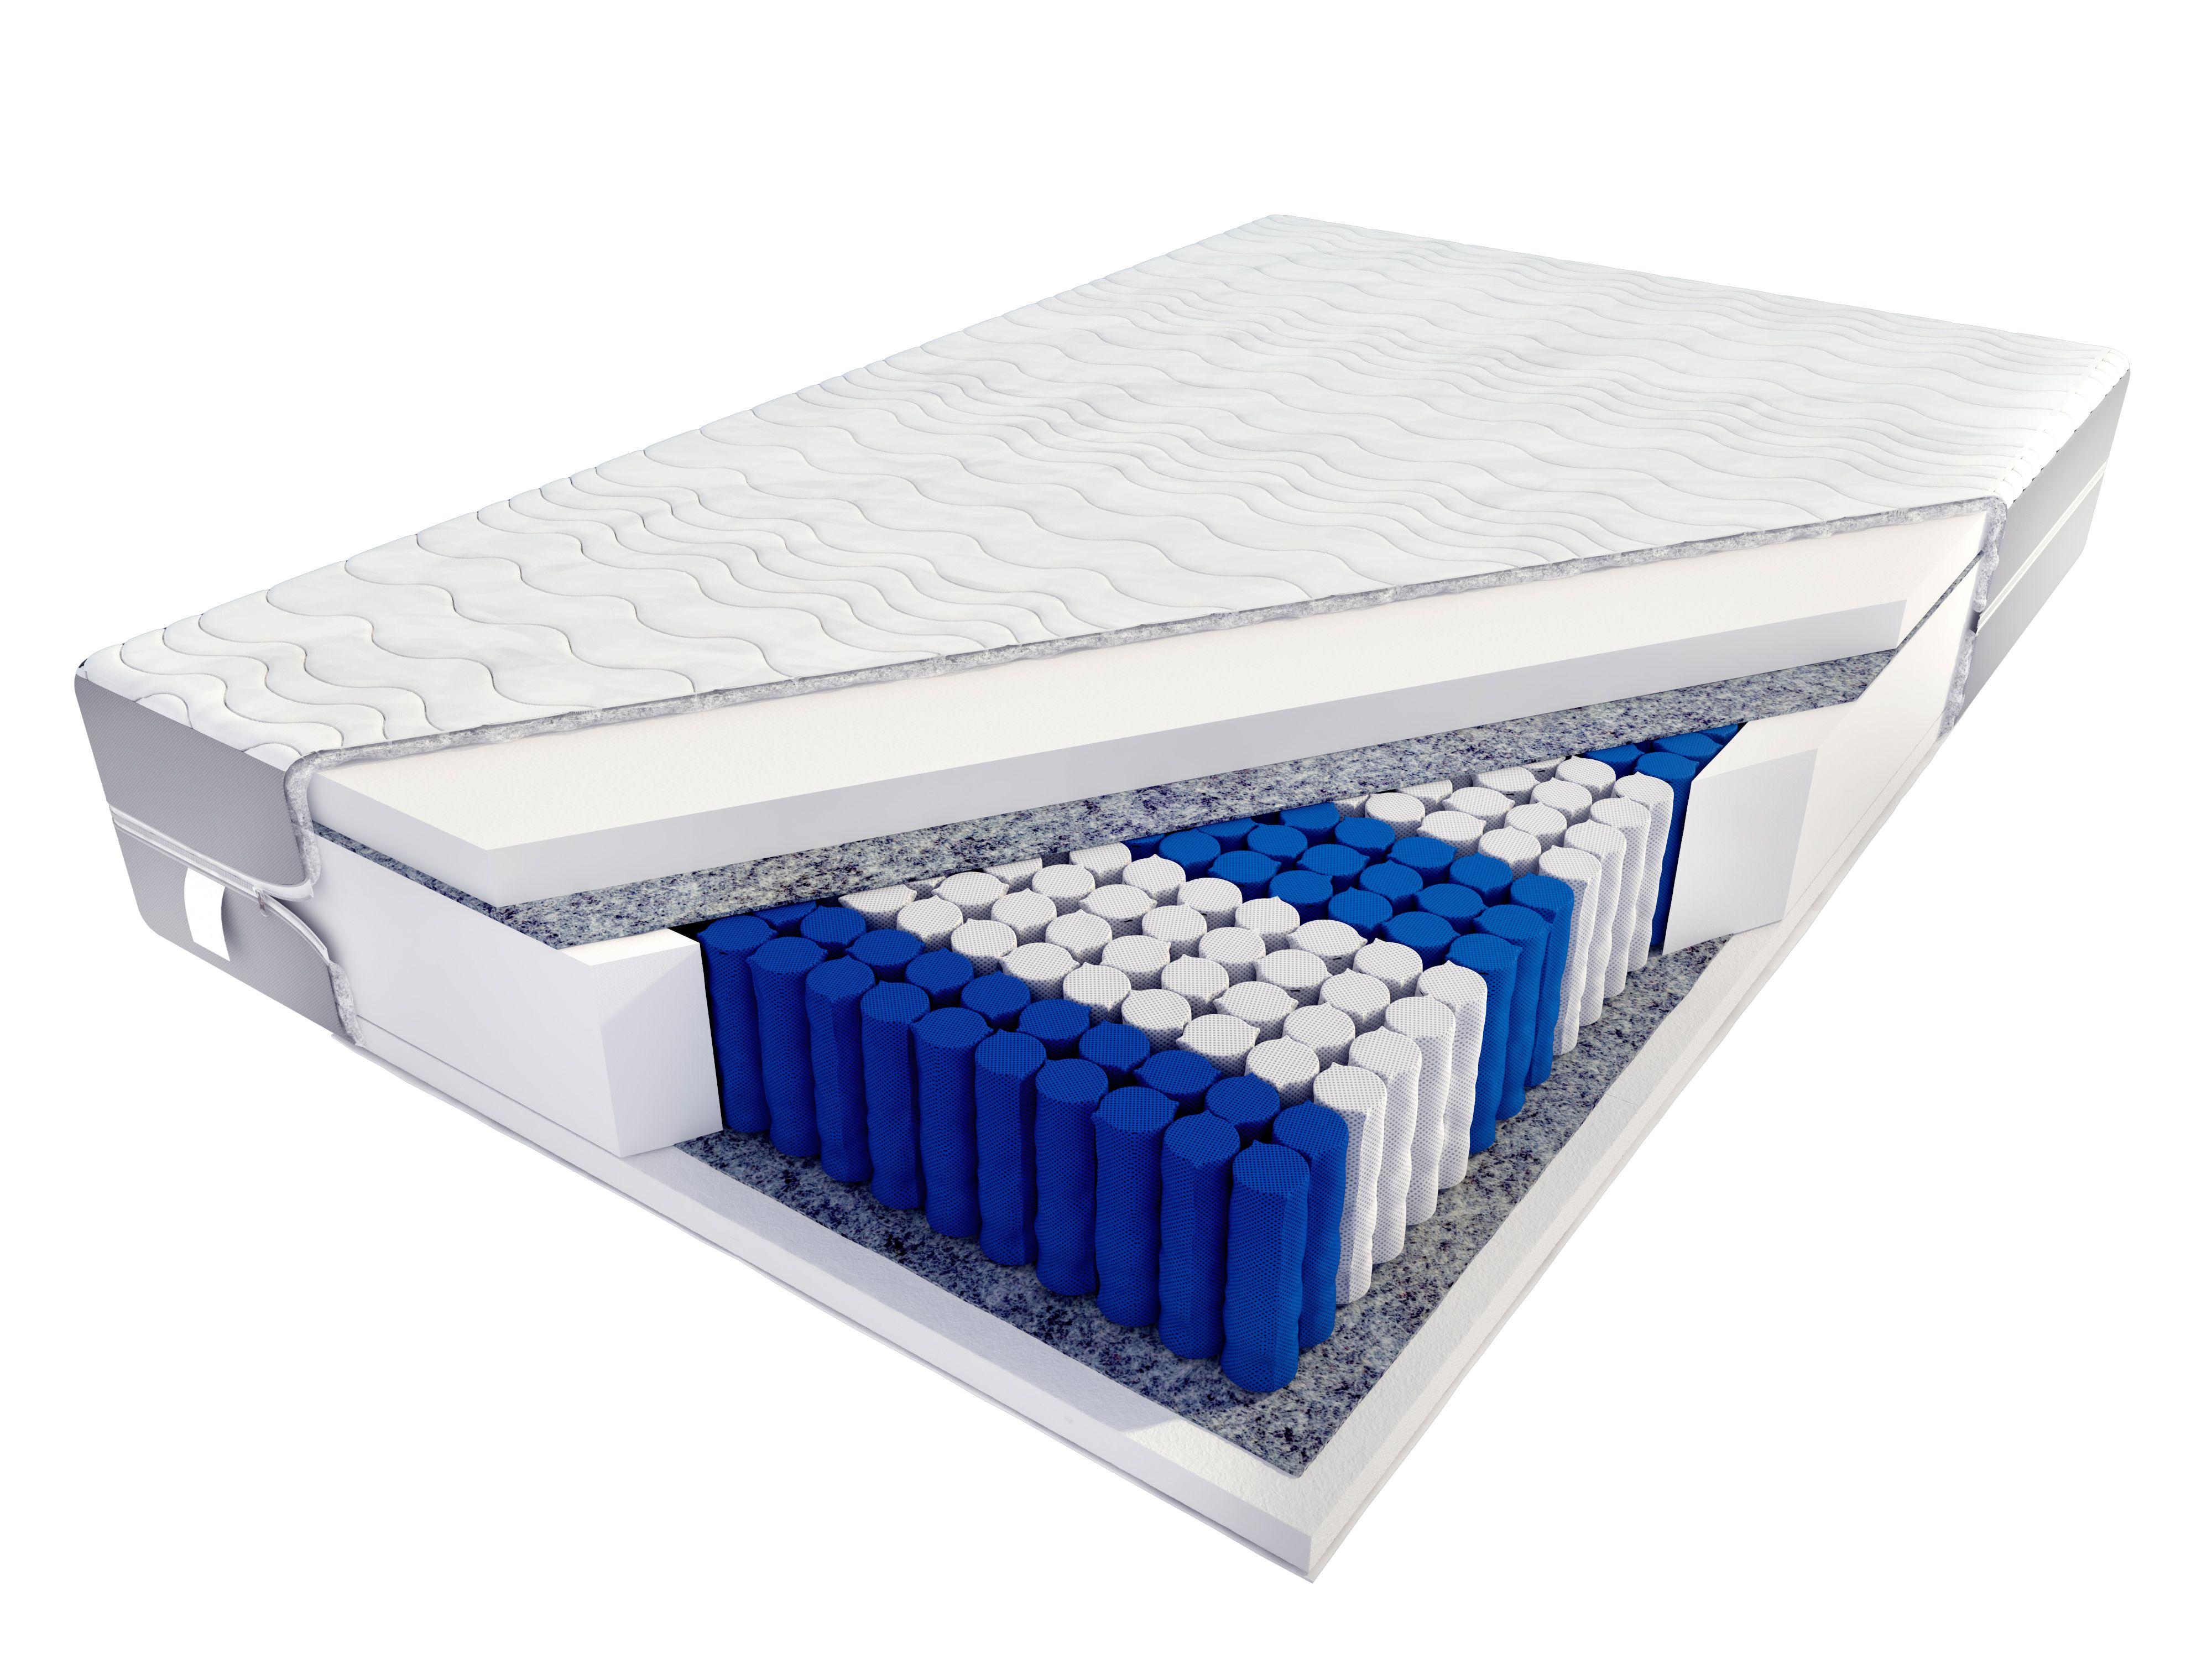 Eine Gute Matratze Stutzt Den Korper In Rucken Und Seitenlage Optimal Kaltschaummatratze Matratze Kindermatr Matratze Beste Matratze Schaumstoffmatratze